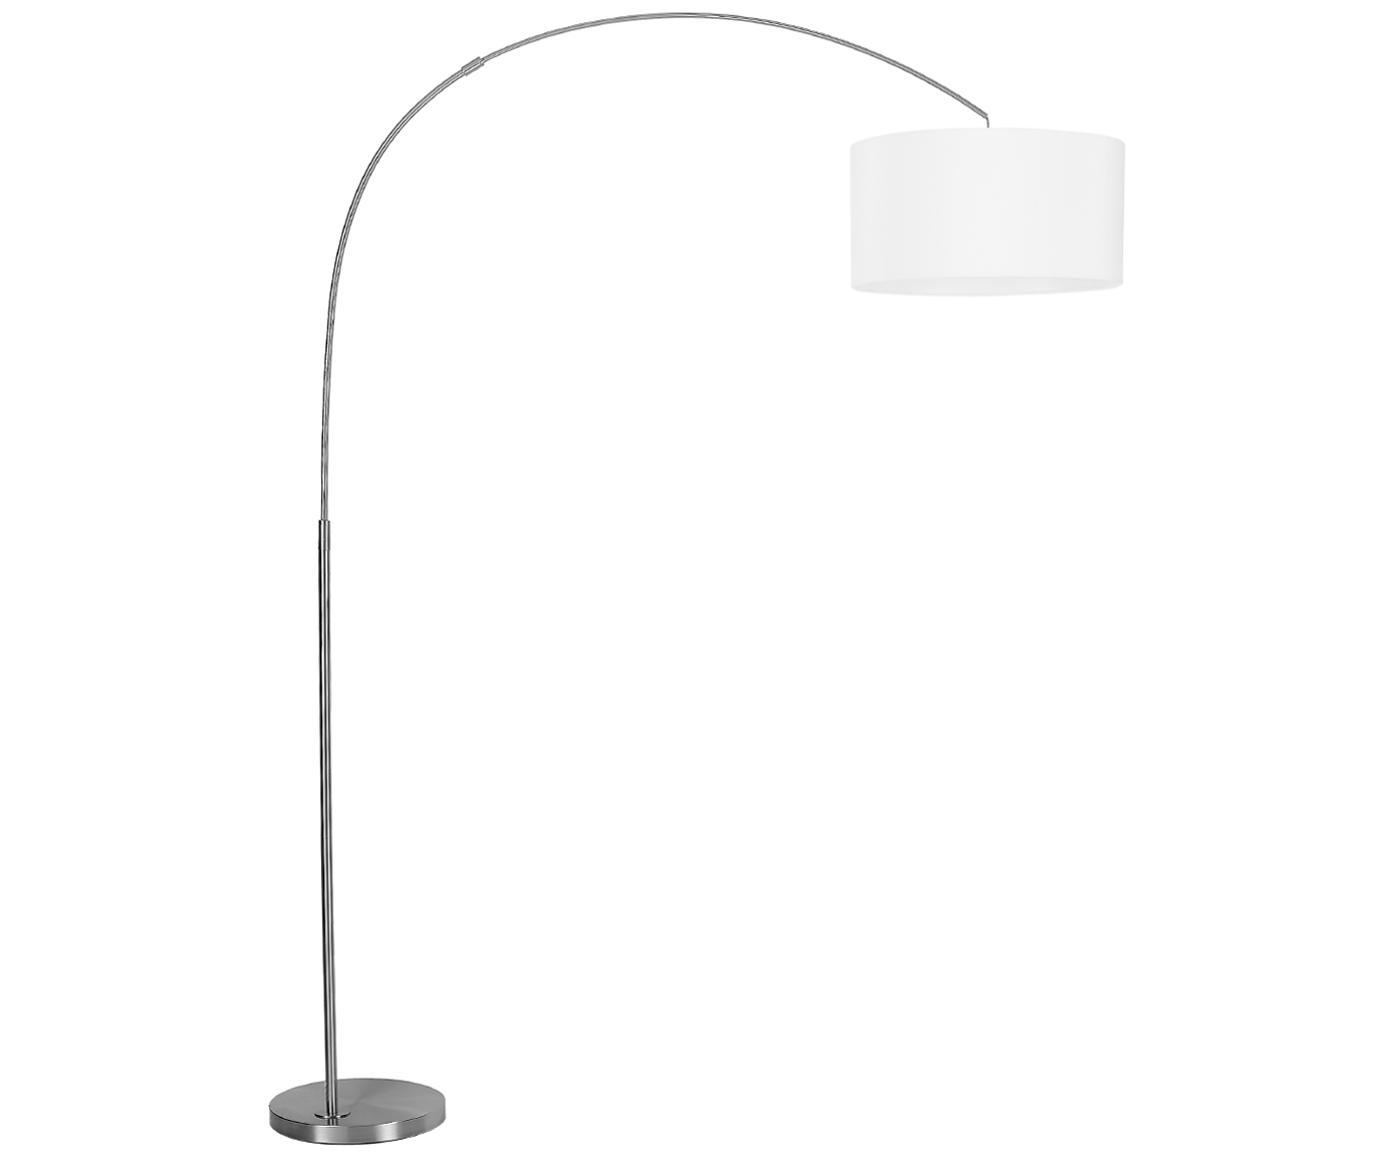 Lámpara arco Niels, Pantalla: mezcla de algodón, Cable: plástico, Blanco, cromo, An 157 x Al 218 cm